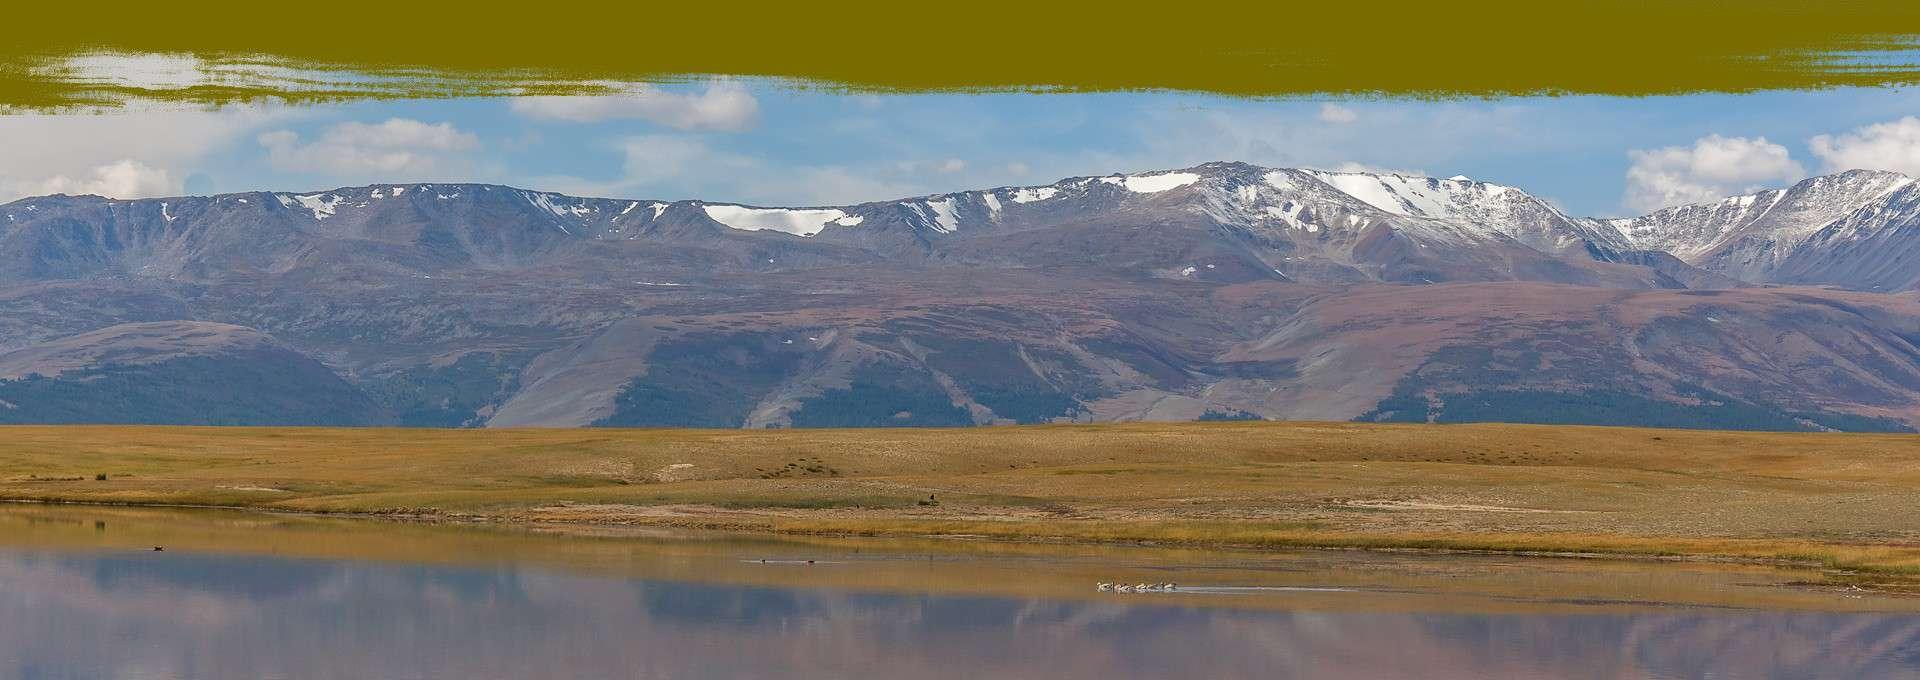 Reise 2 Mongolei 3+